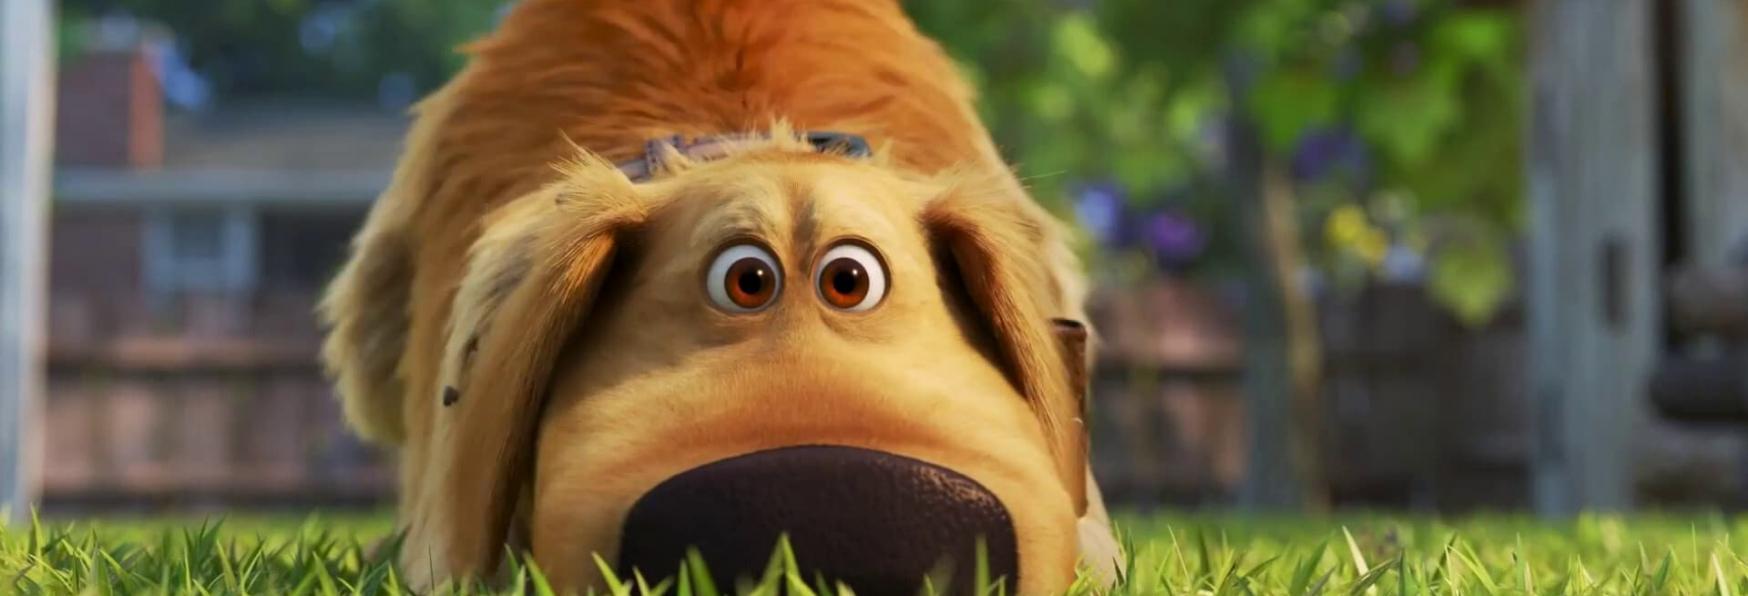 Dug Days: Pubblicato il Trailer della Serie TV Spin-off del Film di Pixar Up